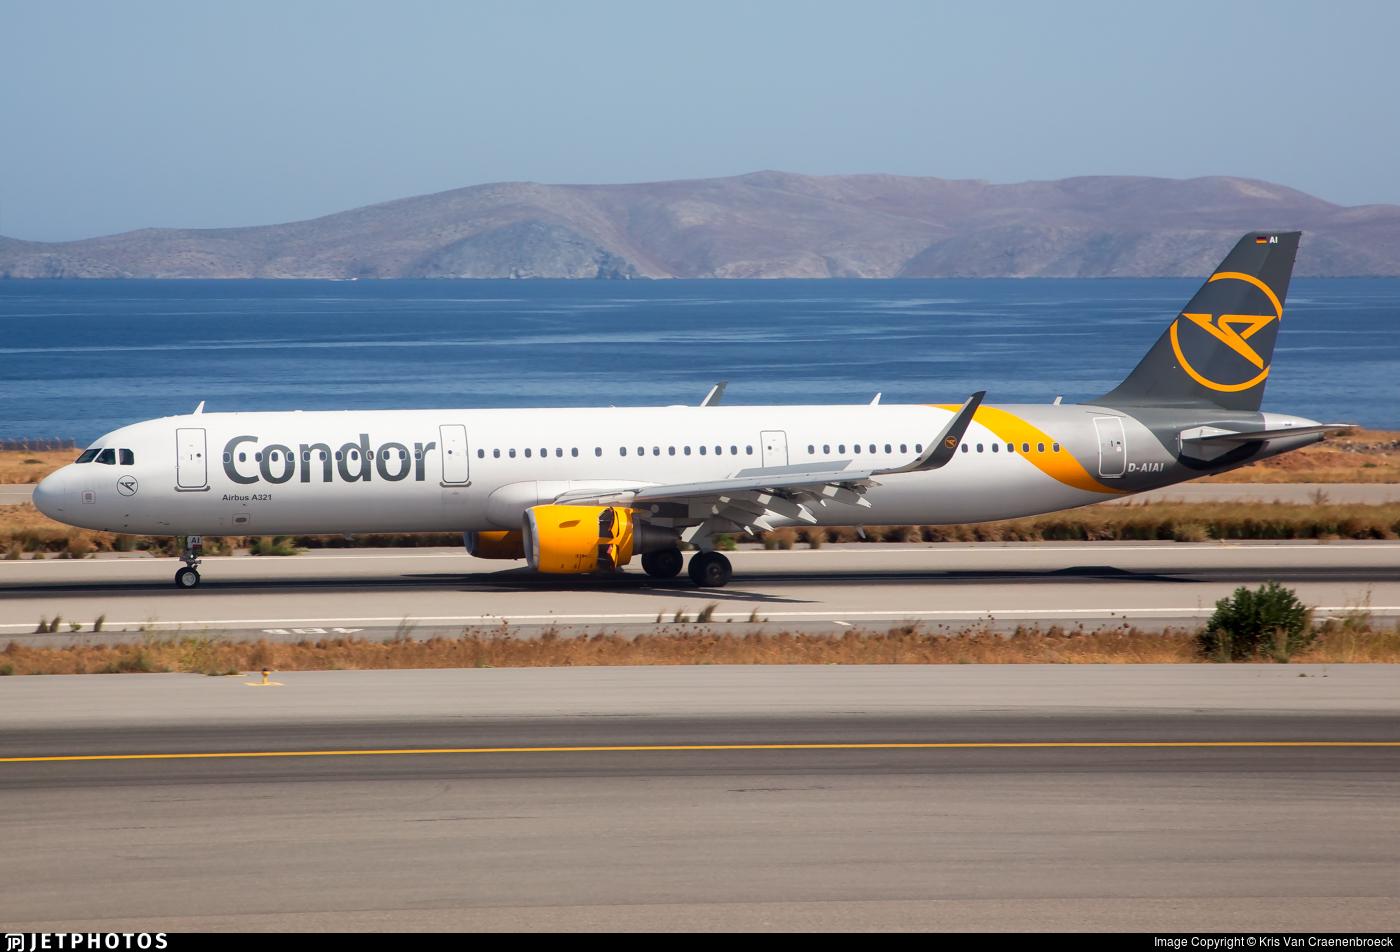 D-AIAI - Airbus A321-211 - Condor